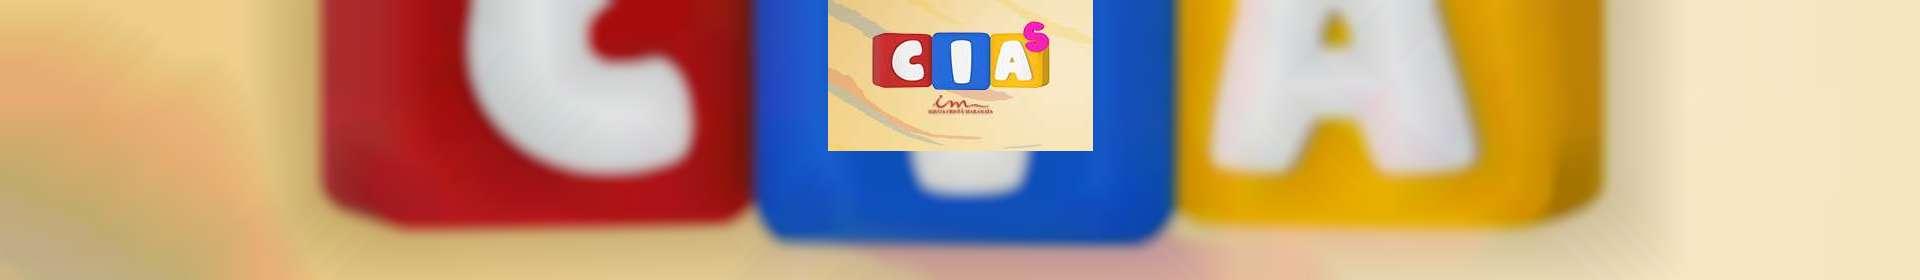 Aula de CIAS: classe de 3 a 7 anos - 21 de maio de 2020